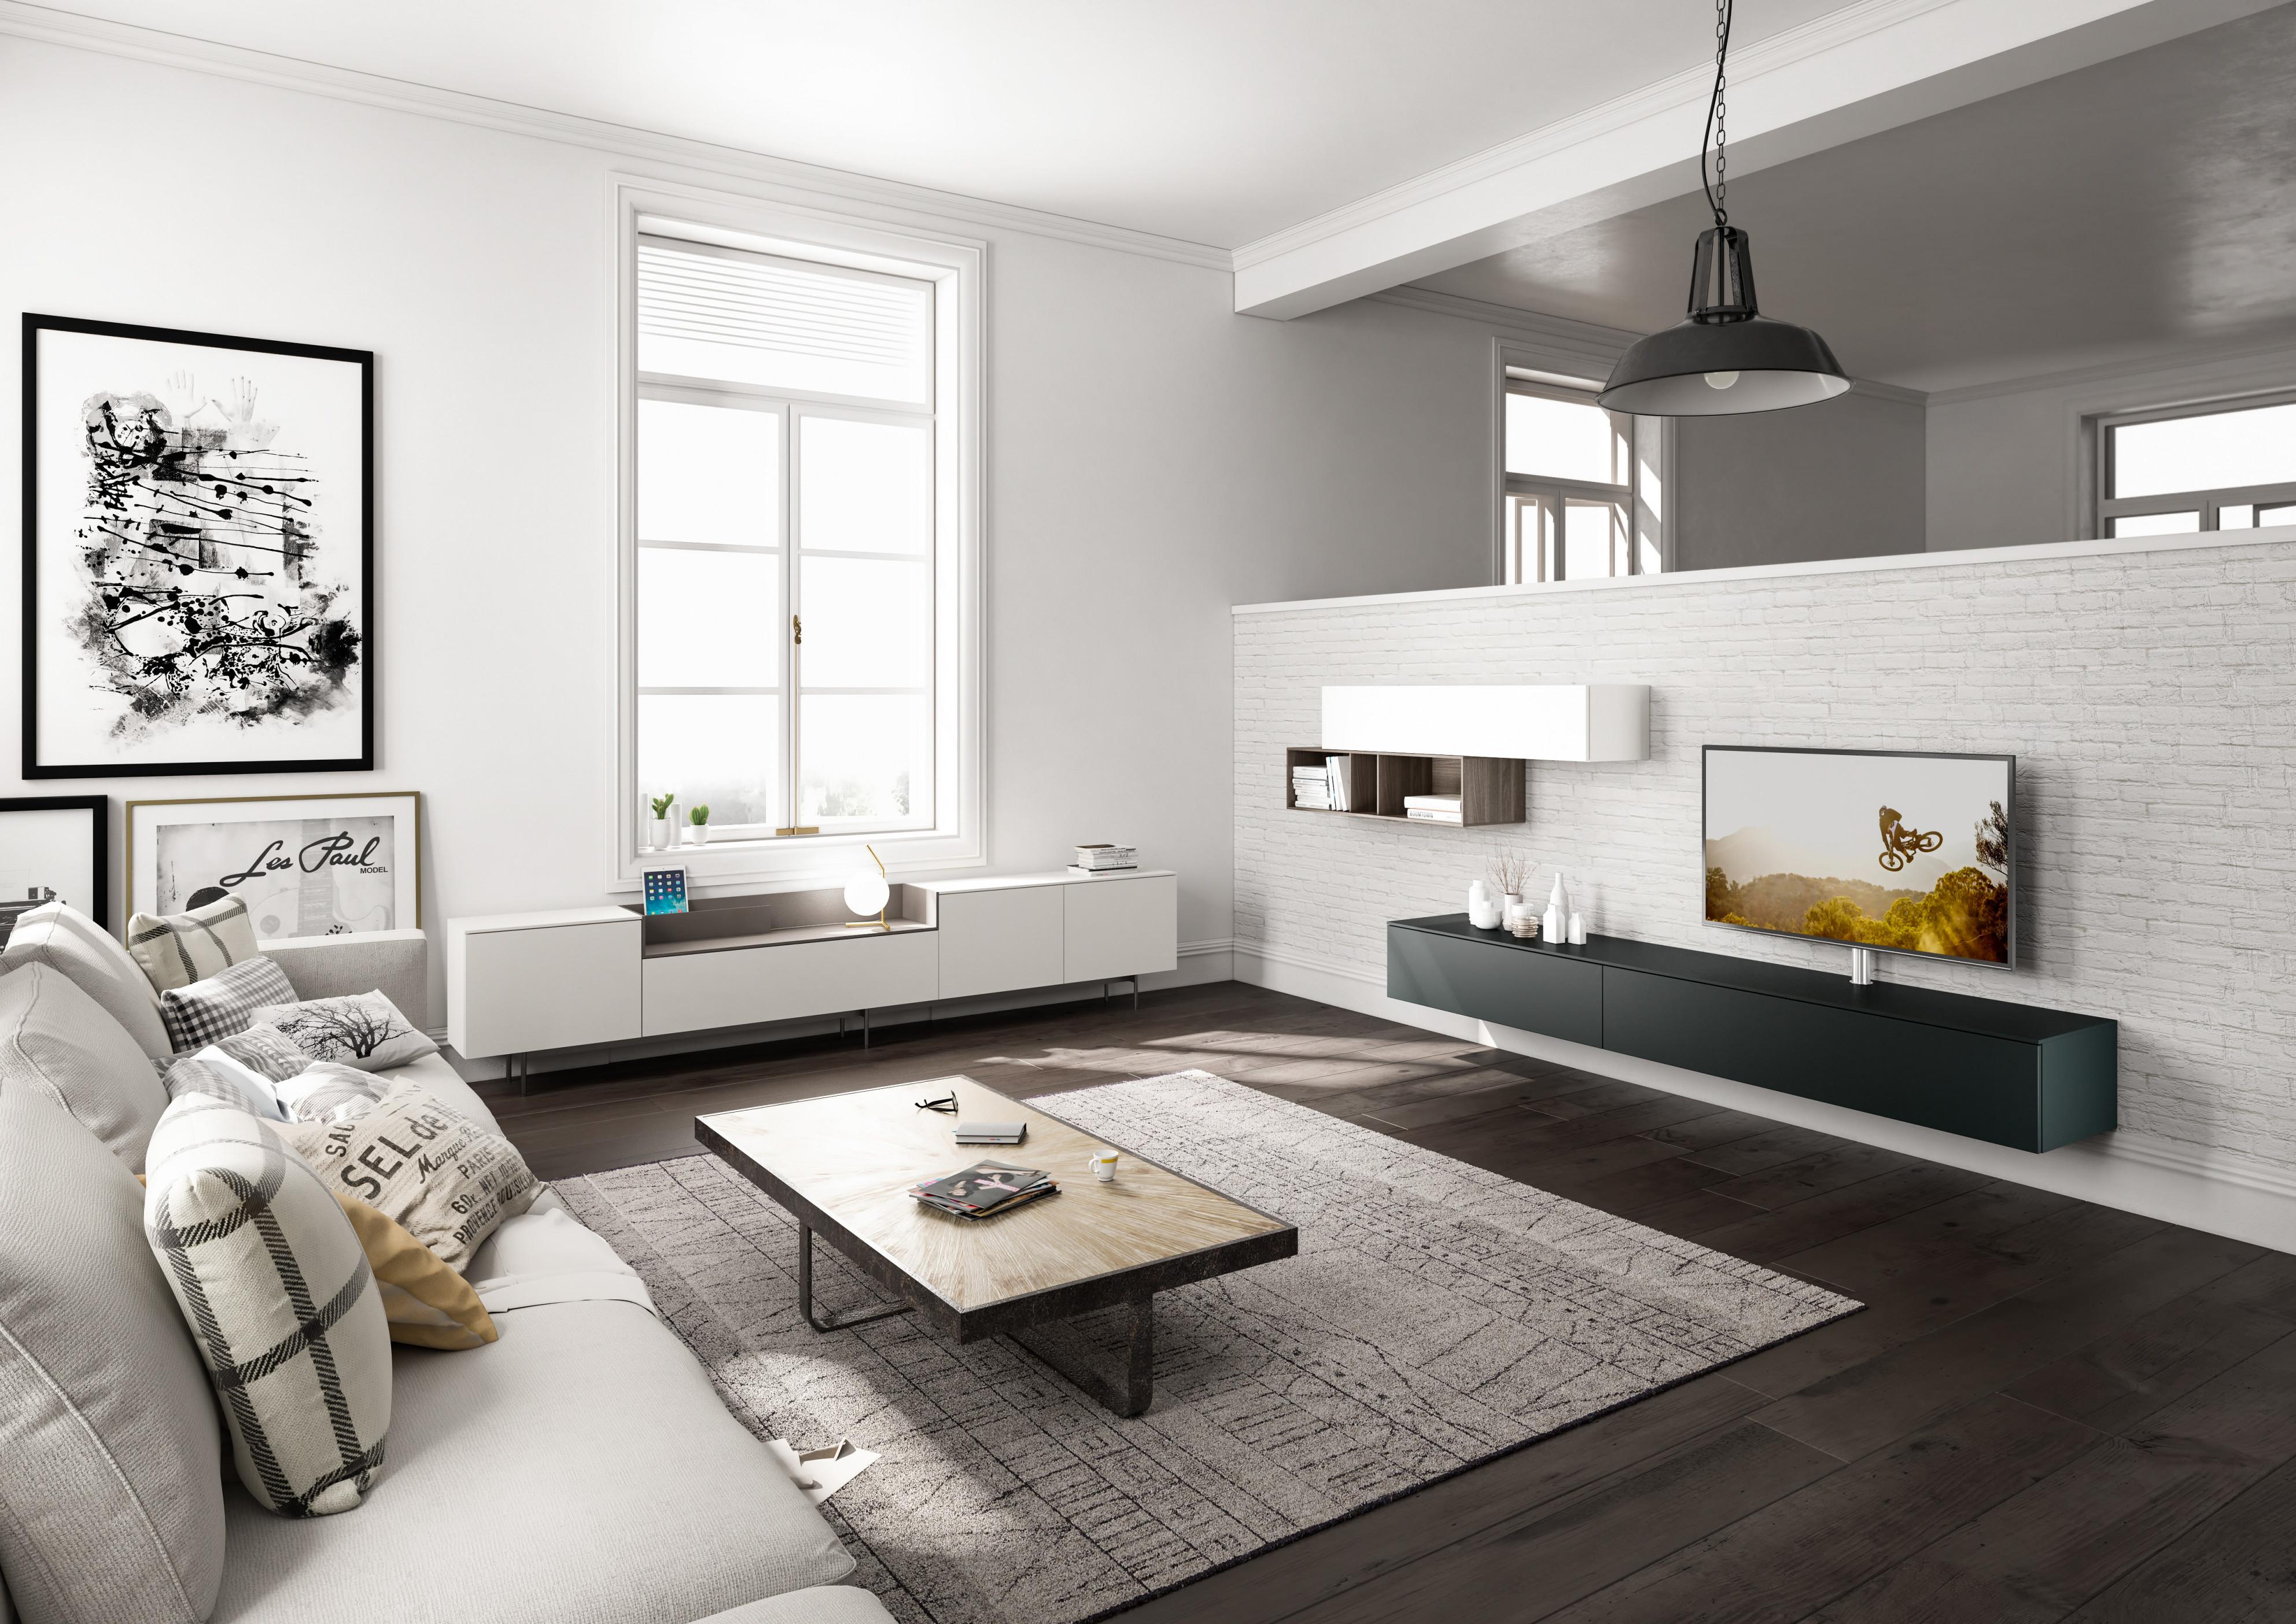 Wohnzimmergestaltung – Die Besten Ideen Tipps  Wohnbeispiele von Wohnzimmer Einrichten Ideen Bild